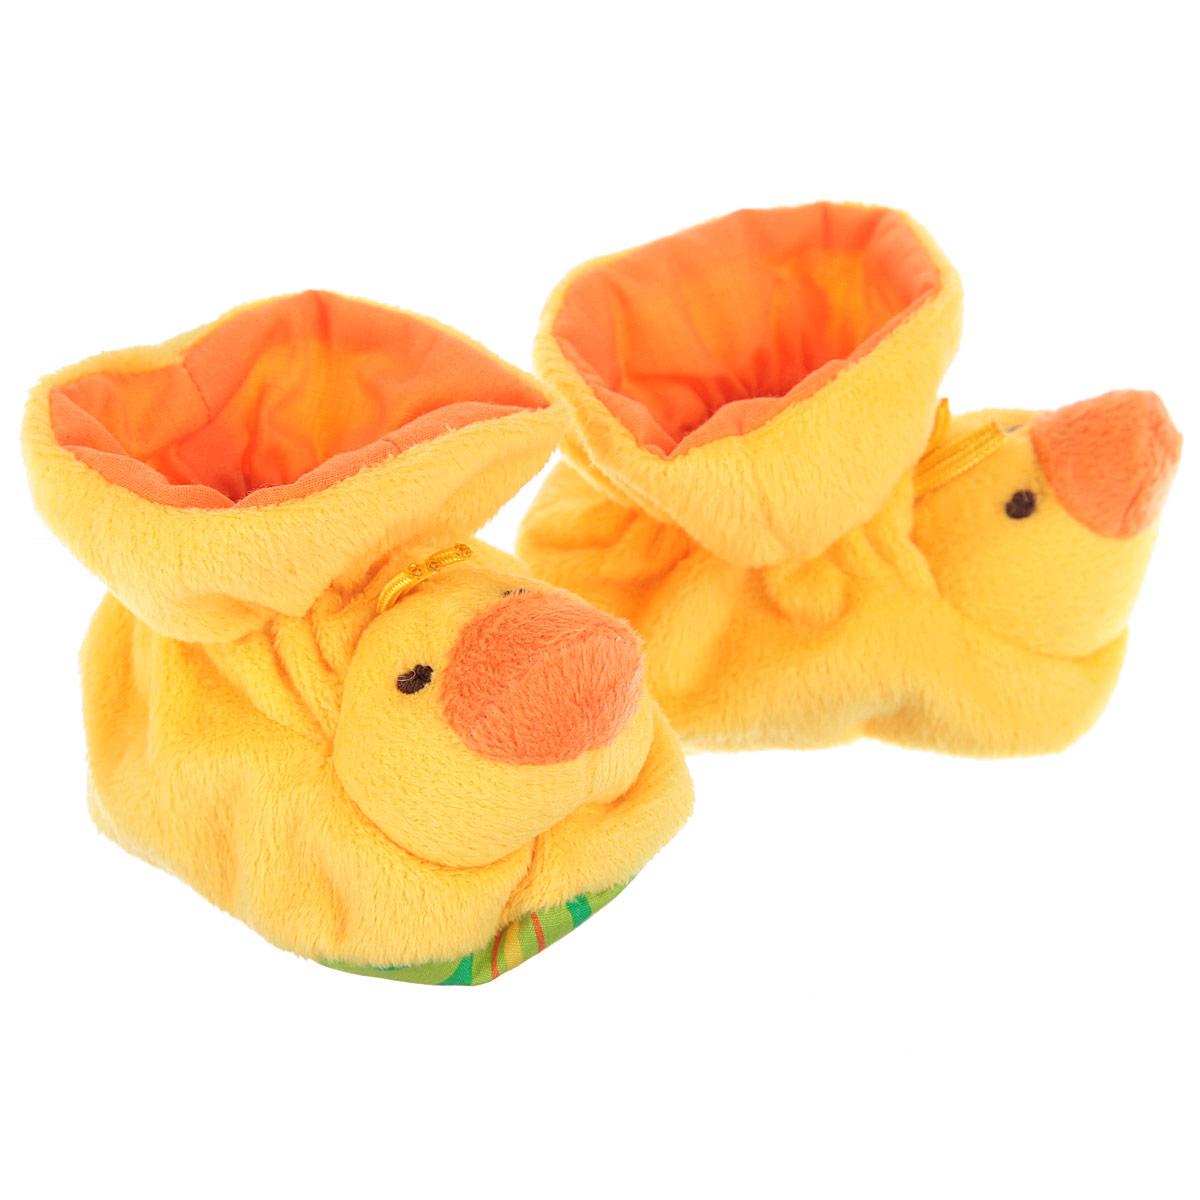 Р47061Очаровательные пинетки Baby Nice Утята идеально подойдут для маленьких ножек вашего крохи! Они очень нежные и приятные на ощупь, не раздражают кожу и хорошо вентилируются. В хлопковых велюровых пинетках ножка малыша дышит и не мерзнет - созданы все комфортные условия, для того, чтобы подумать о первых шагах! Пинетки изготовлены из очень мягкого и приятного на ощупь ворсистого материала - 100% хлопка и оформлены объемной головой в виде утенка. Благодаря скрытой эластичной резинке пинетки будут отлично держаться на ножке младенца. Подошва оформлена ярким оригинальным принтом. Такие пинетки - отличное решение для малышей и их родителей!